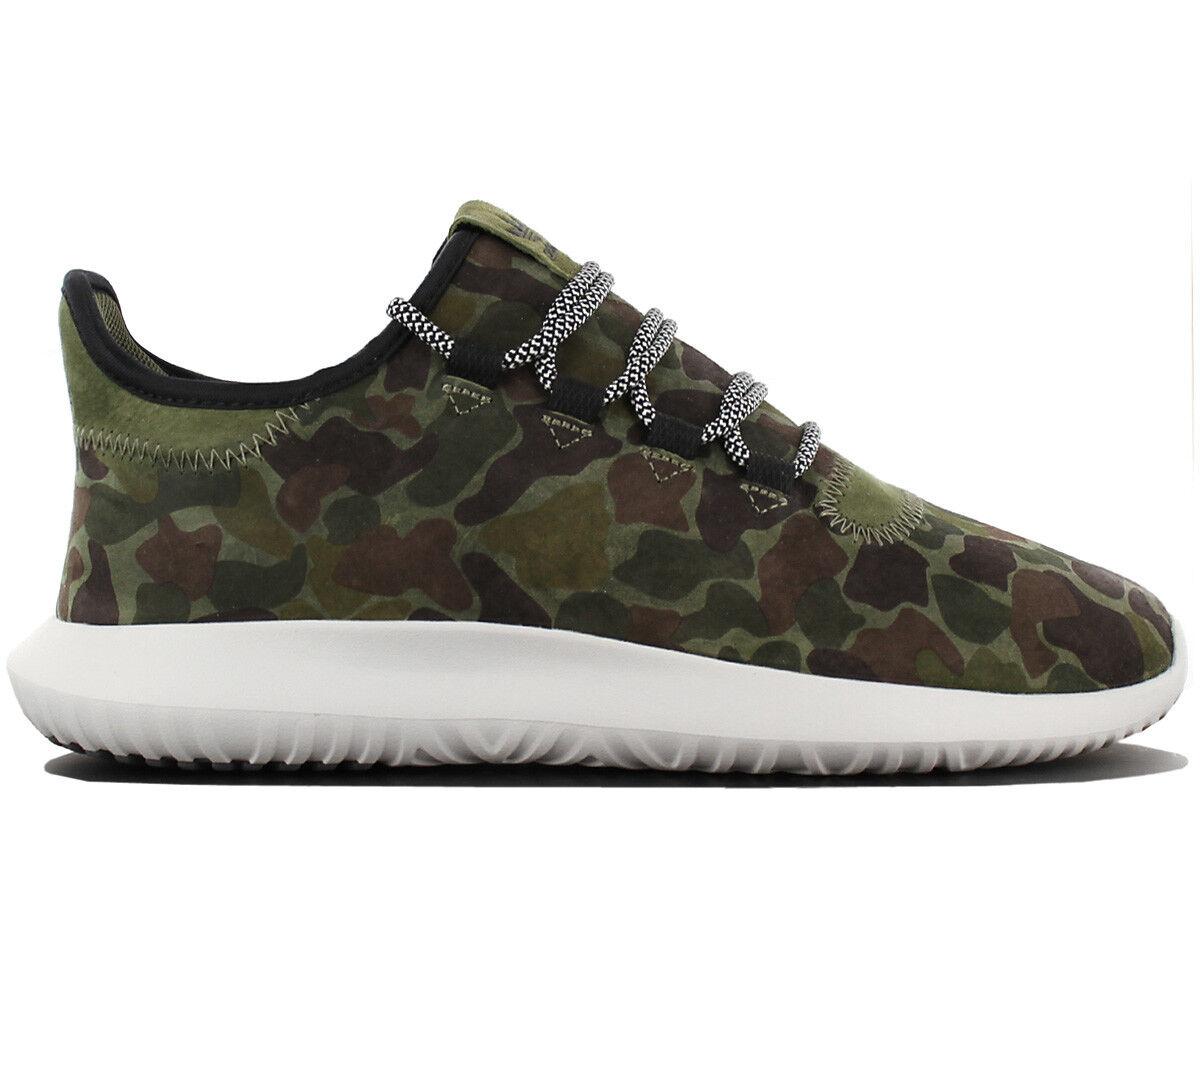 Adidas Originals tubular Shadow cortos verde camuflaje Zapatos Cuero bb8818 bb8818 bb8818 nuevo  más orden